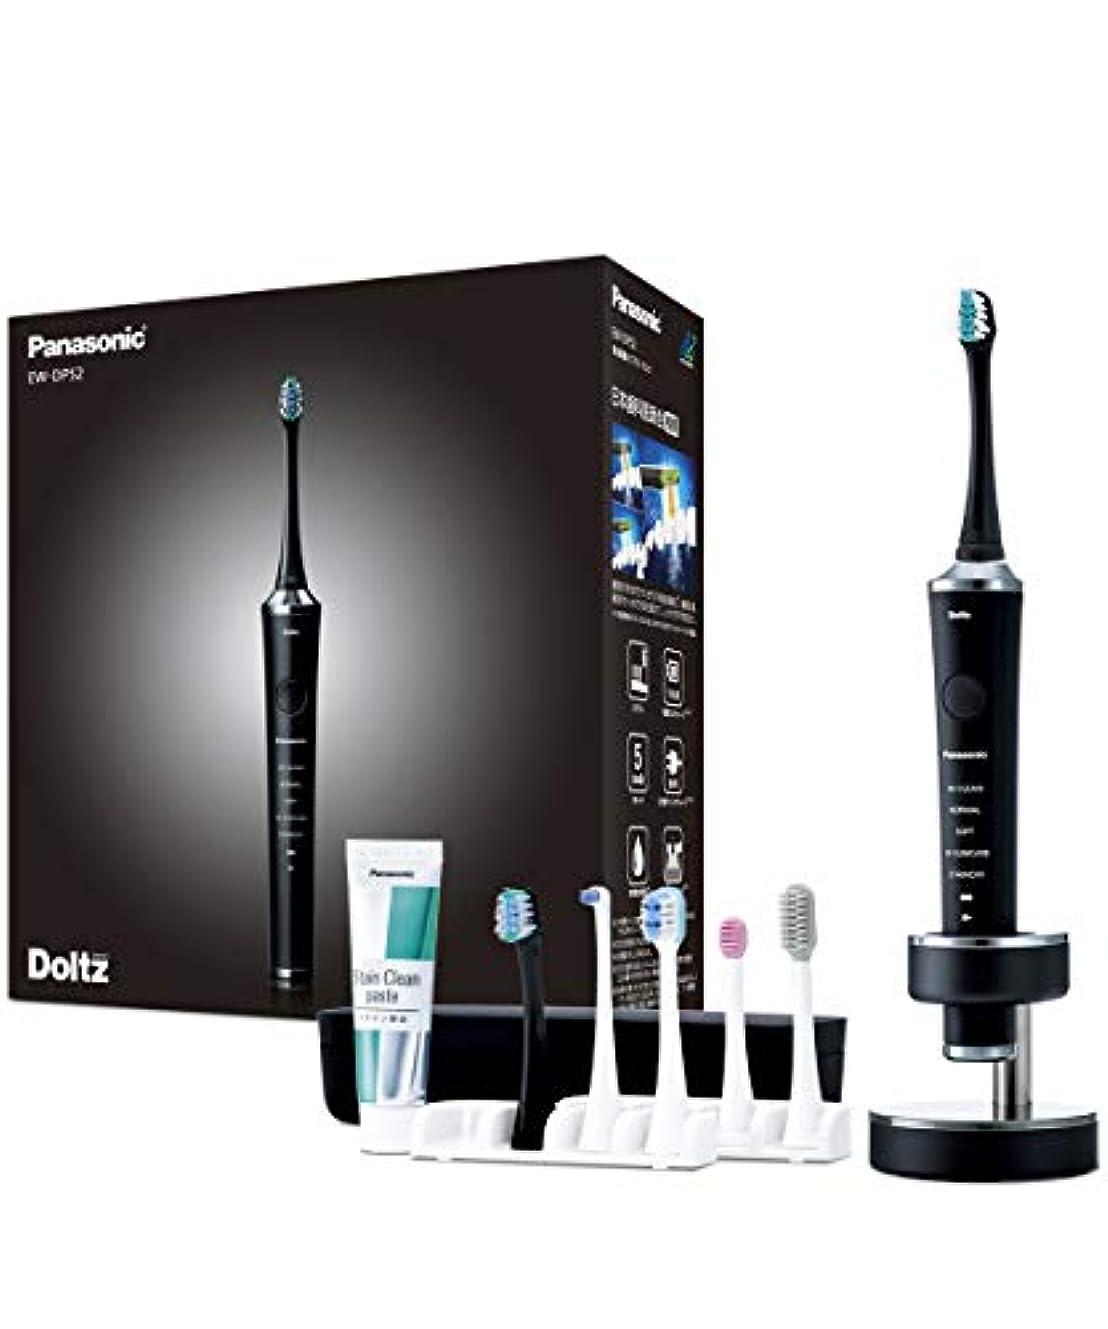 出費グラス伝染性のパナソニック 電動歯ブラシ ドルツ 黒 EW-DP52-K